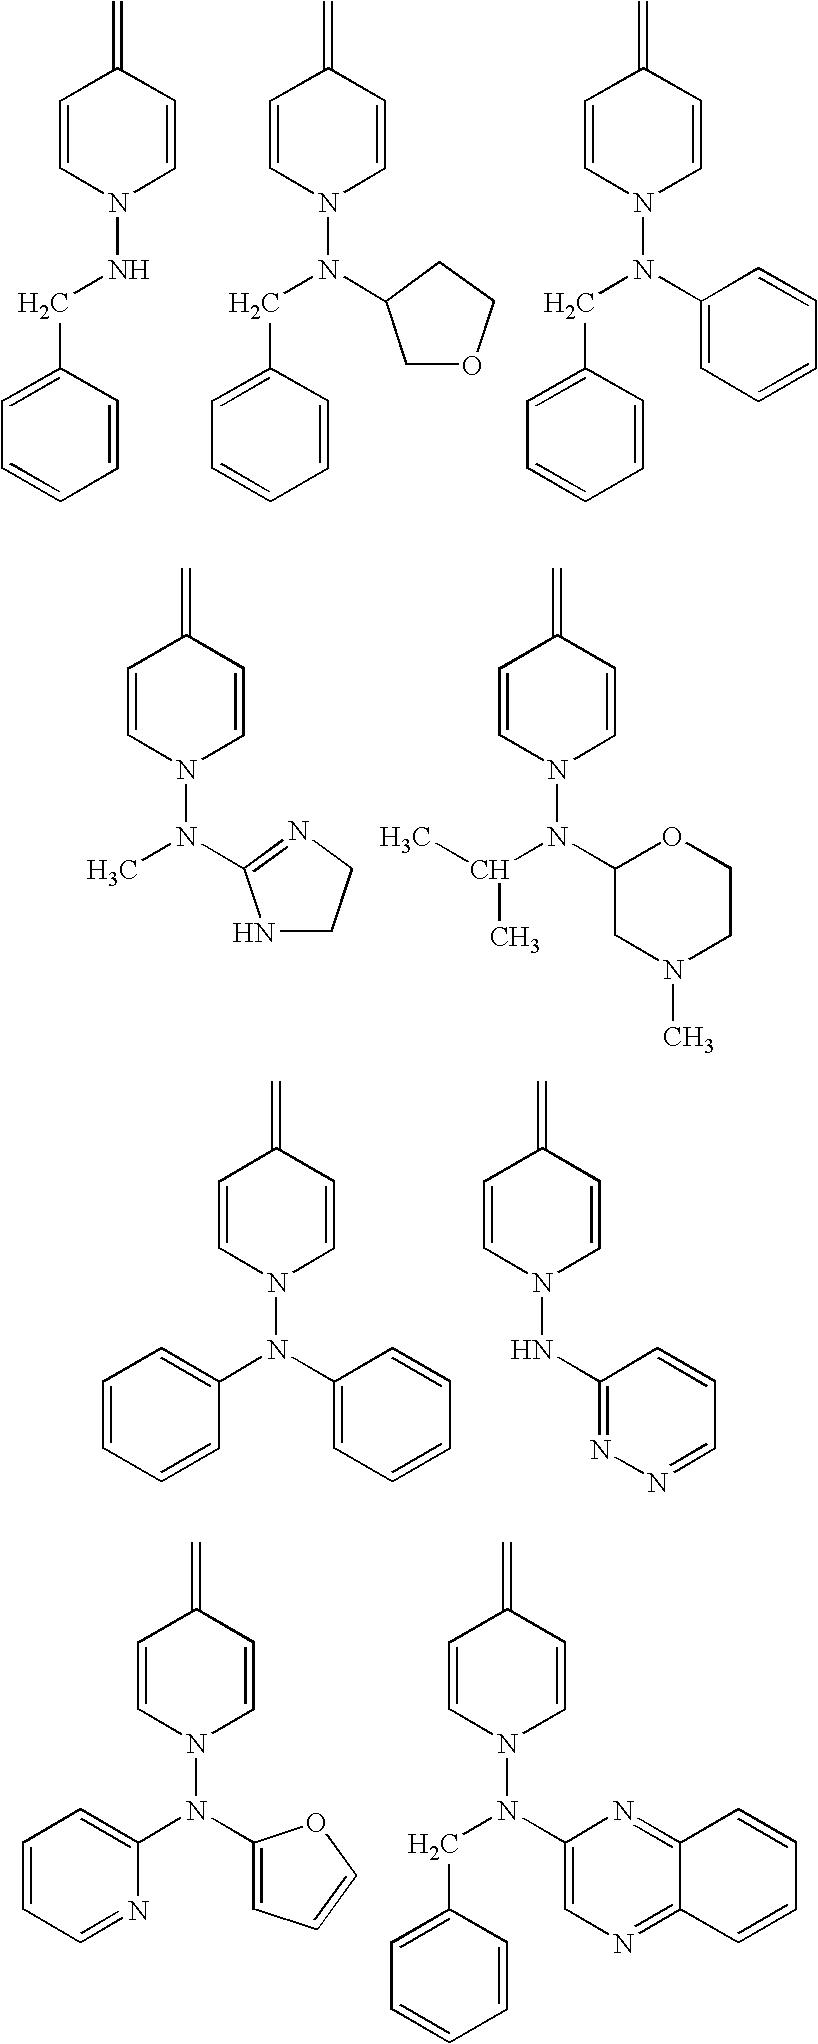 Figure US06815033-20041109-C00011